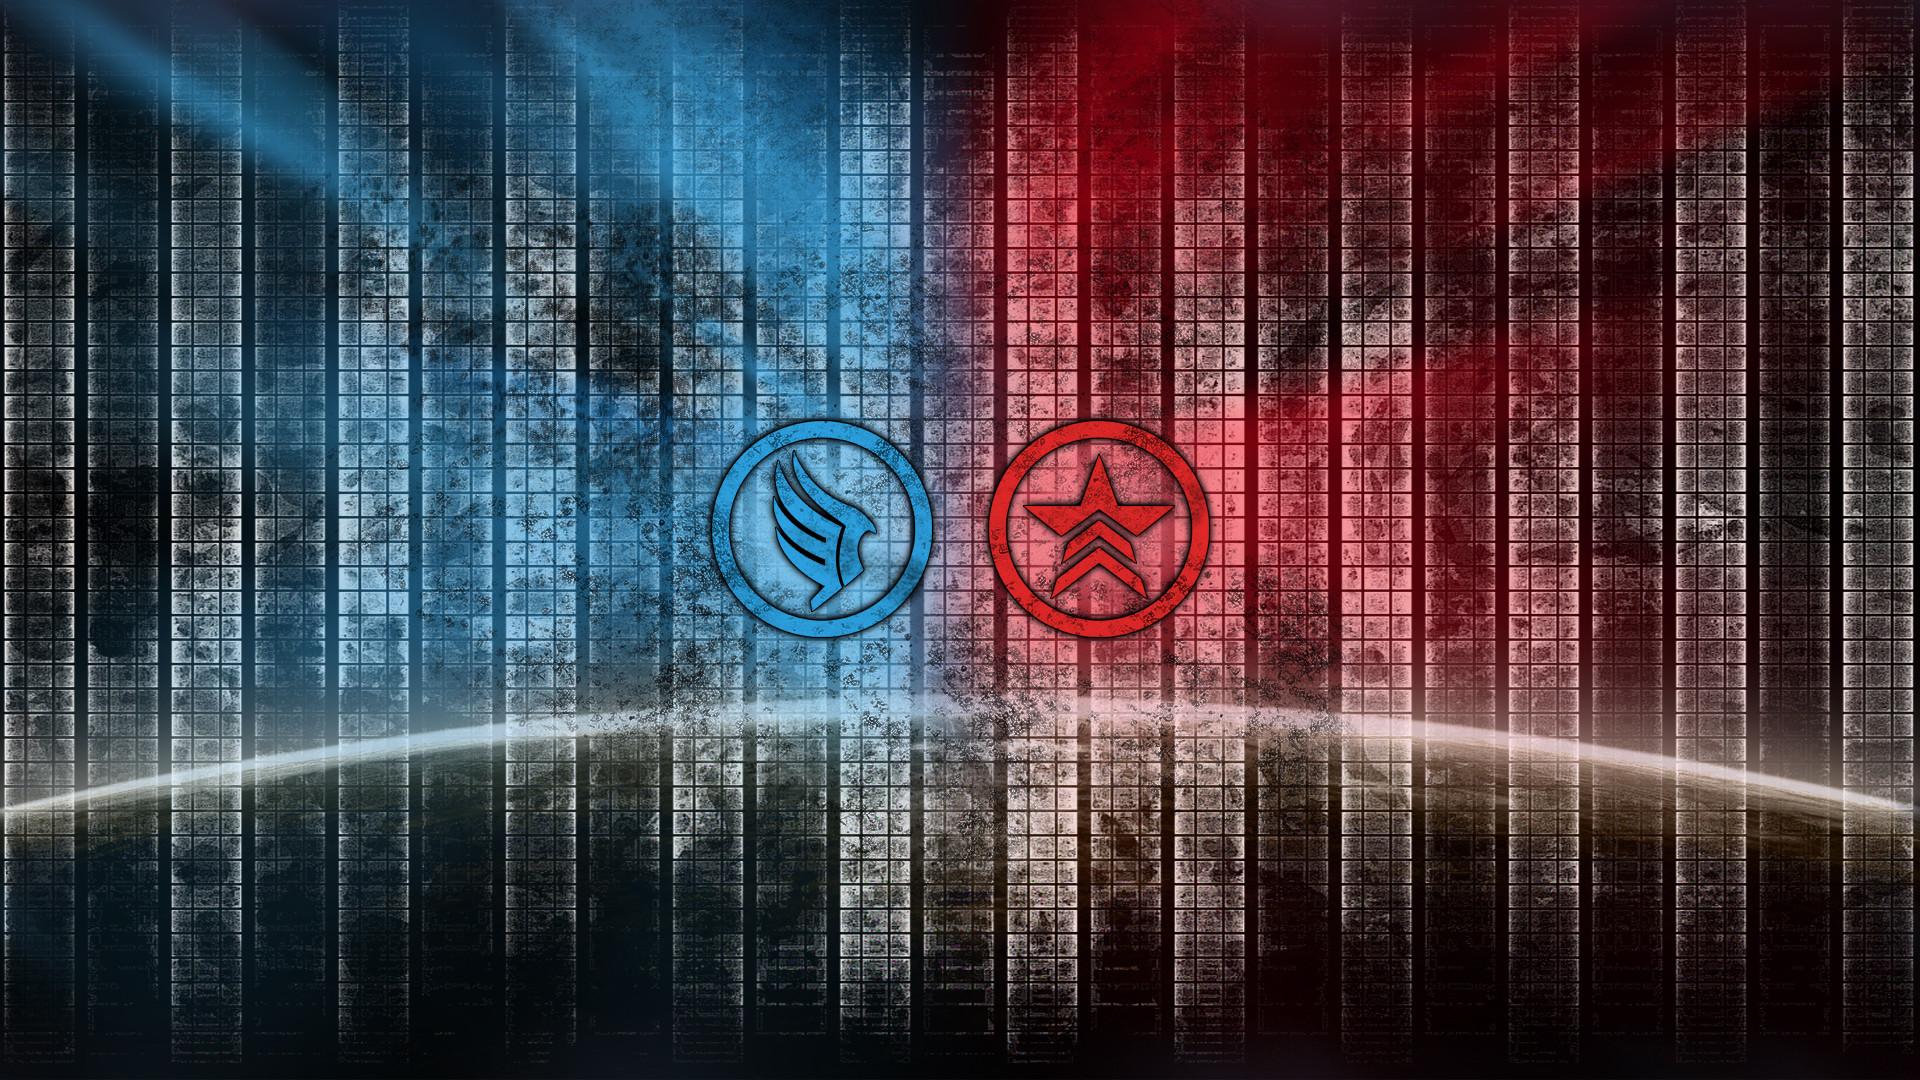 Mass Effect N7 Wallpaper (66+ images)